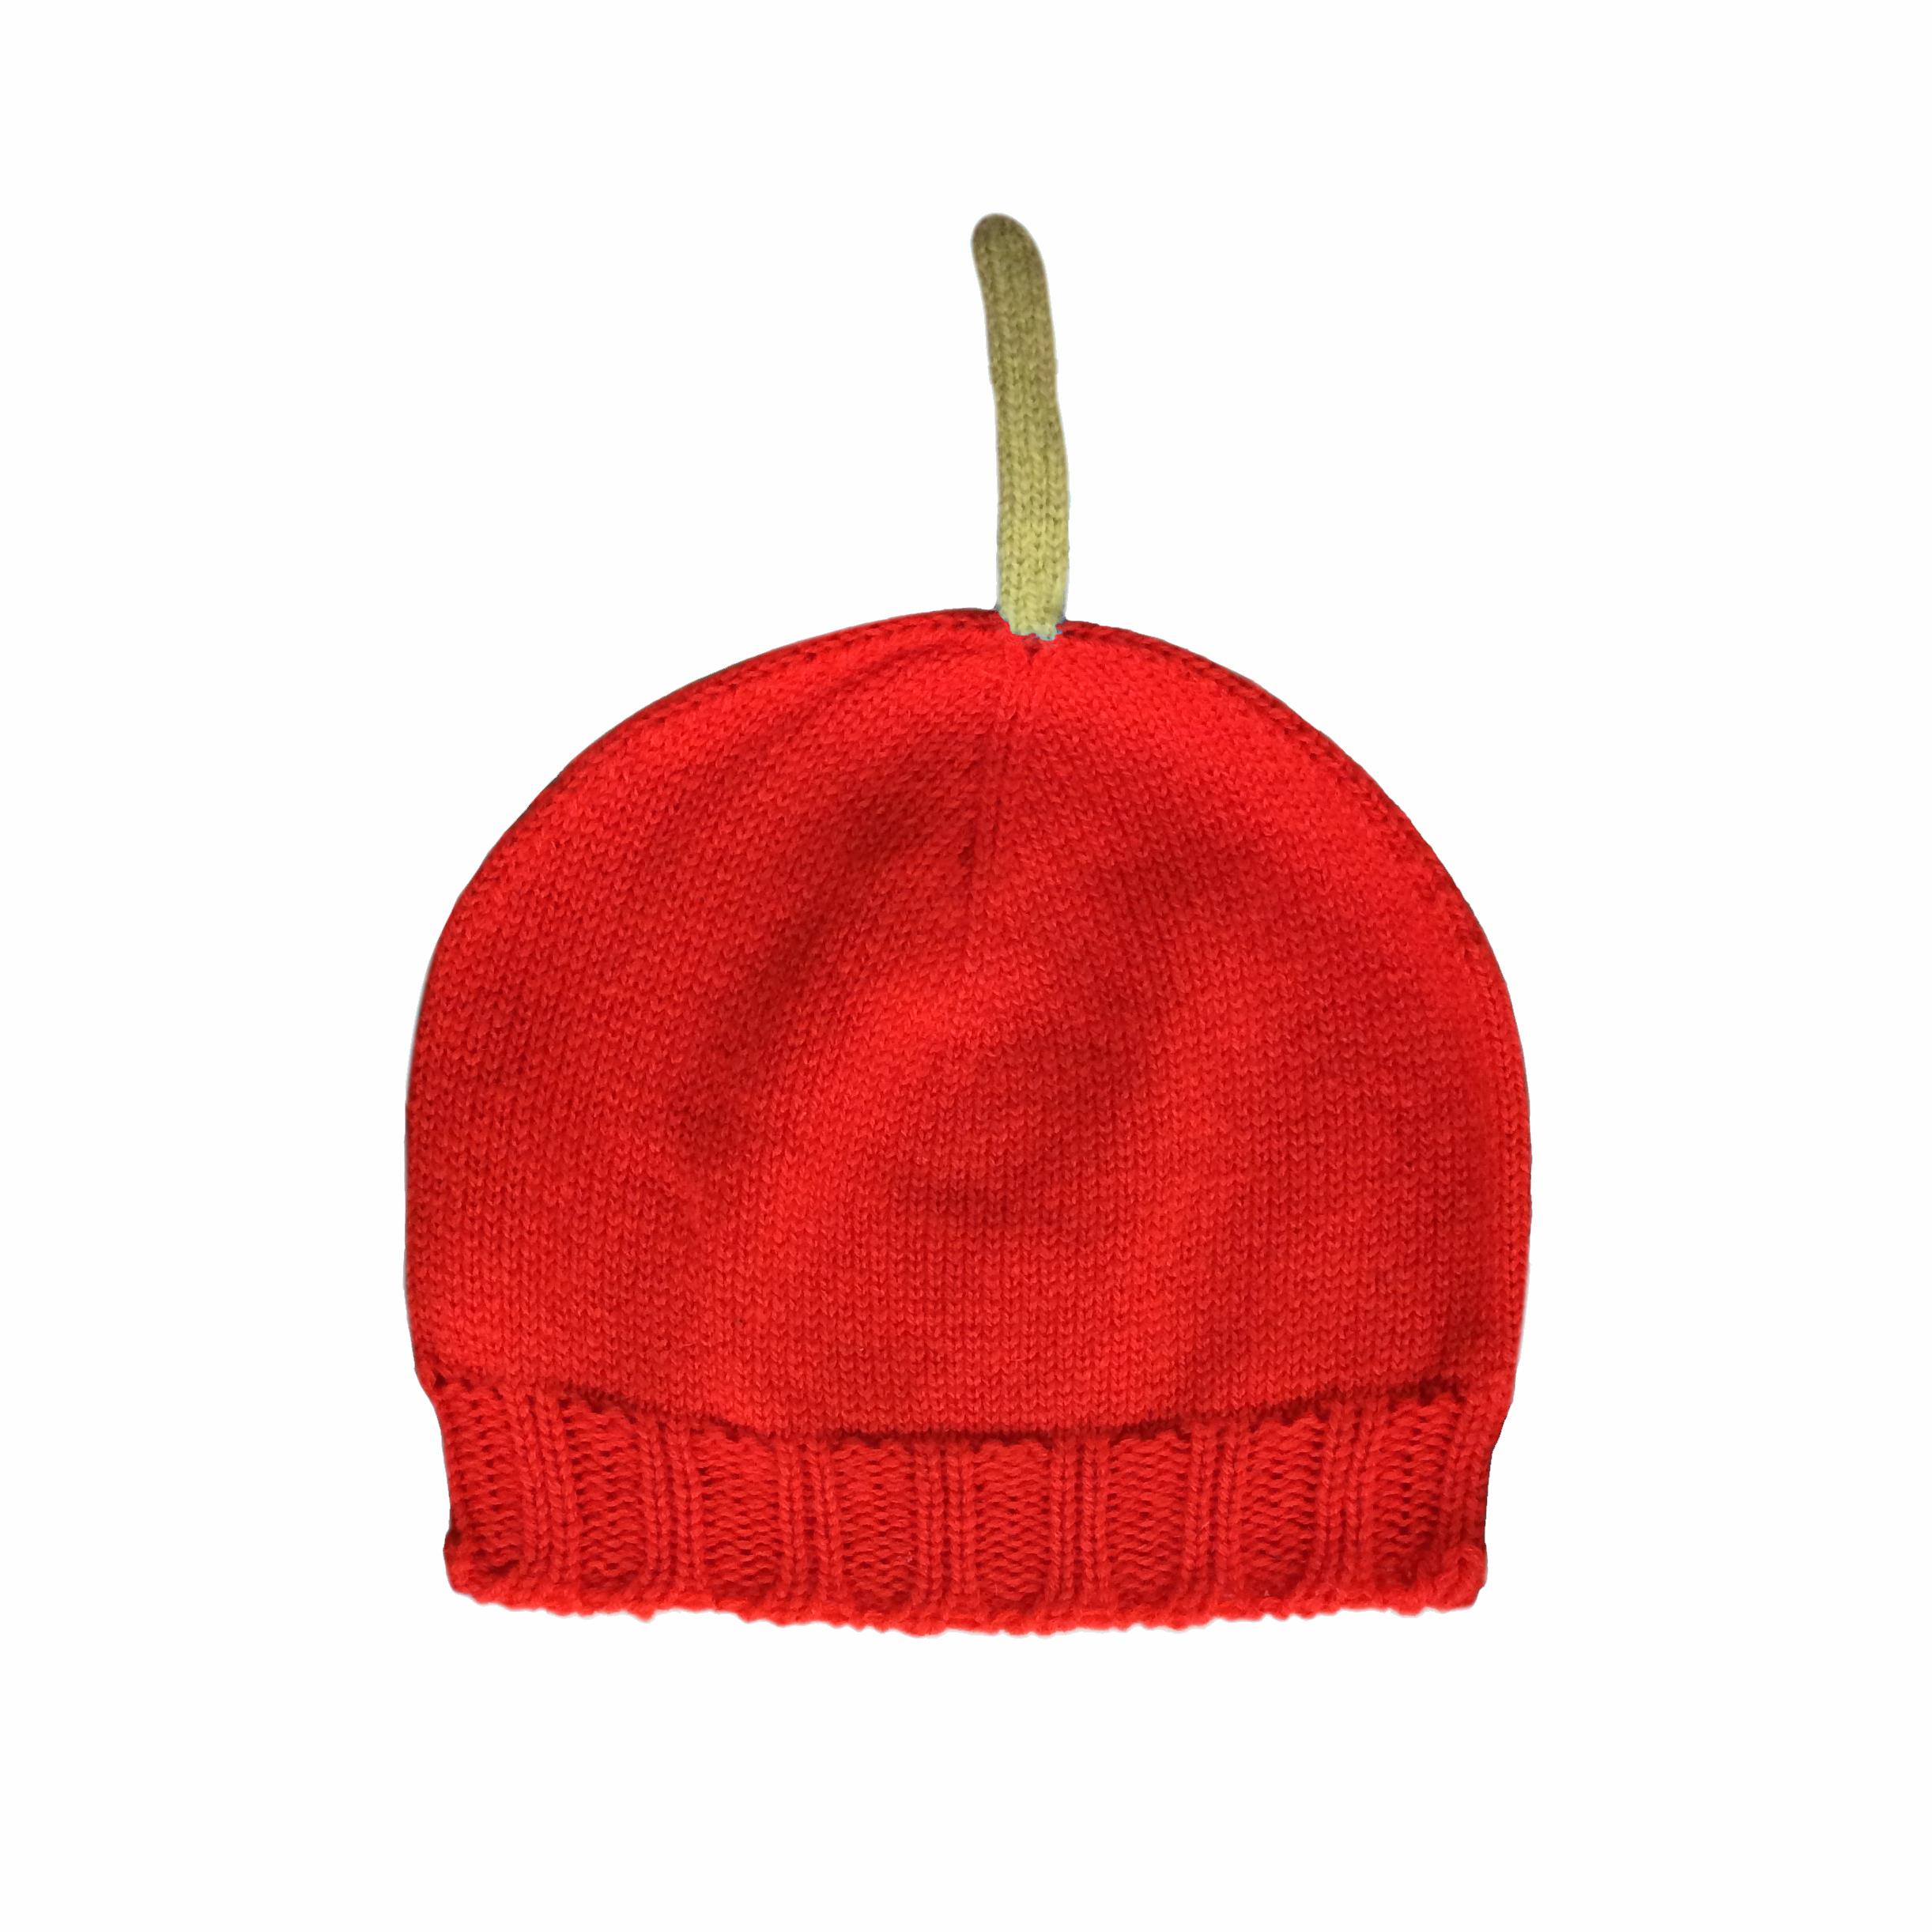 Little Red Baby Hat - Cashmere - Donna Wilson 1ad4e0ea1da